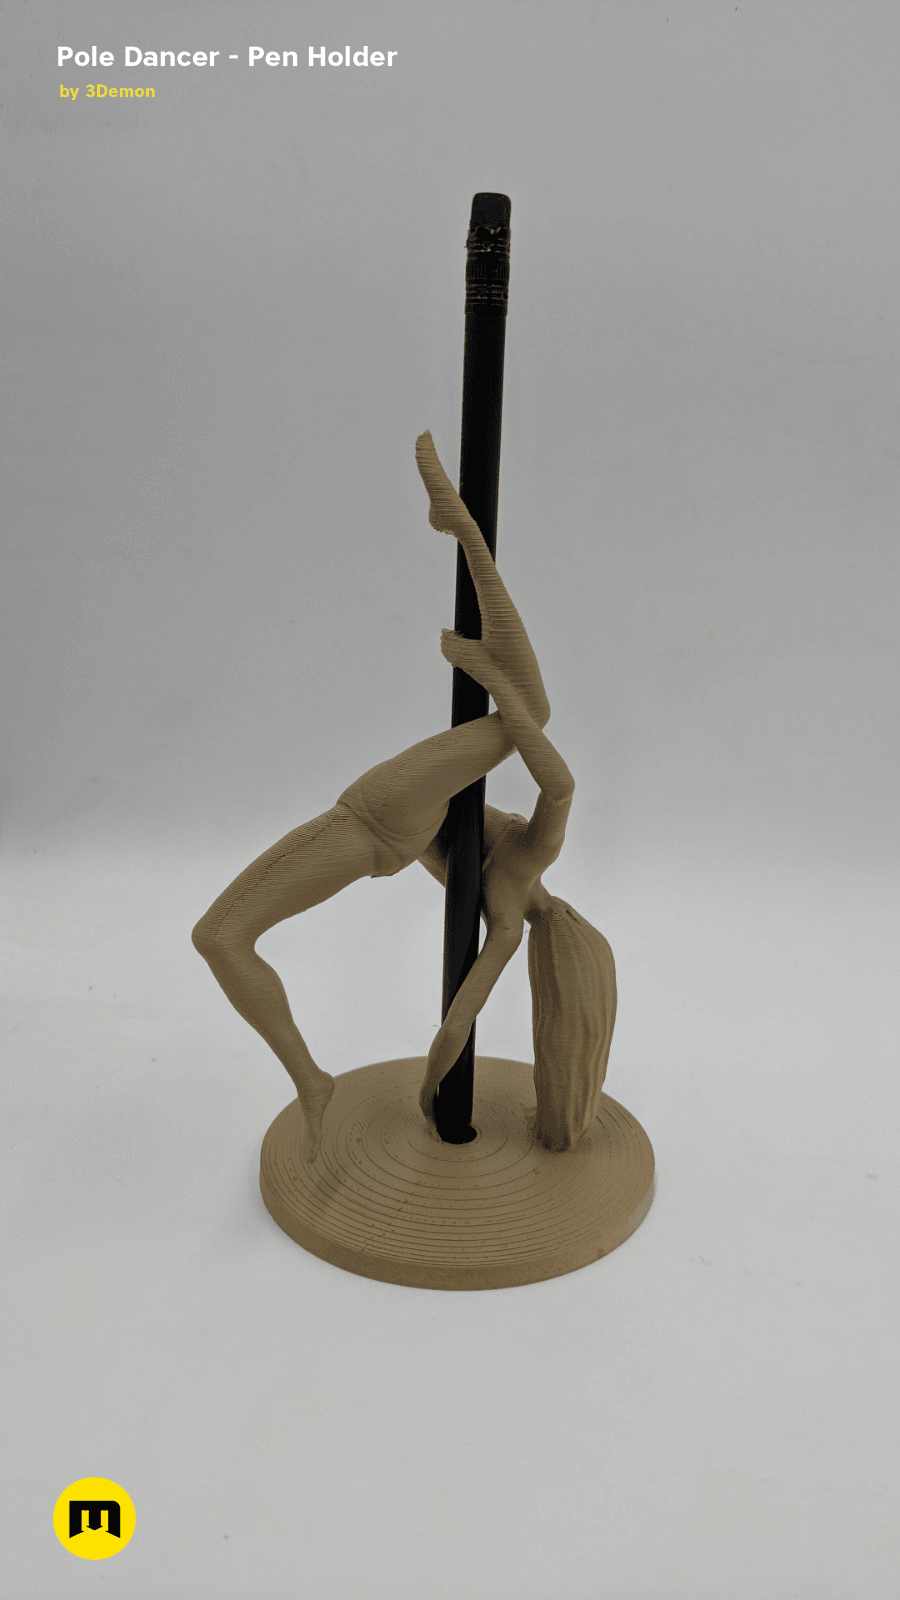 IMG_20190219_154914.png Download STL file Pole Dancer - Pen Holder • Object to 3D print, 3D-mon